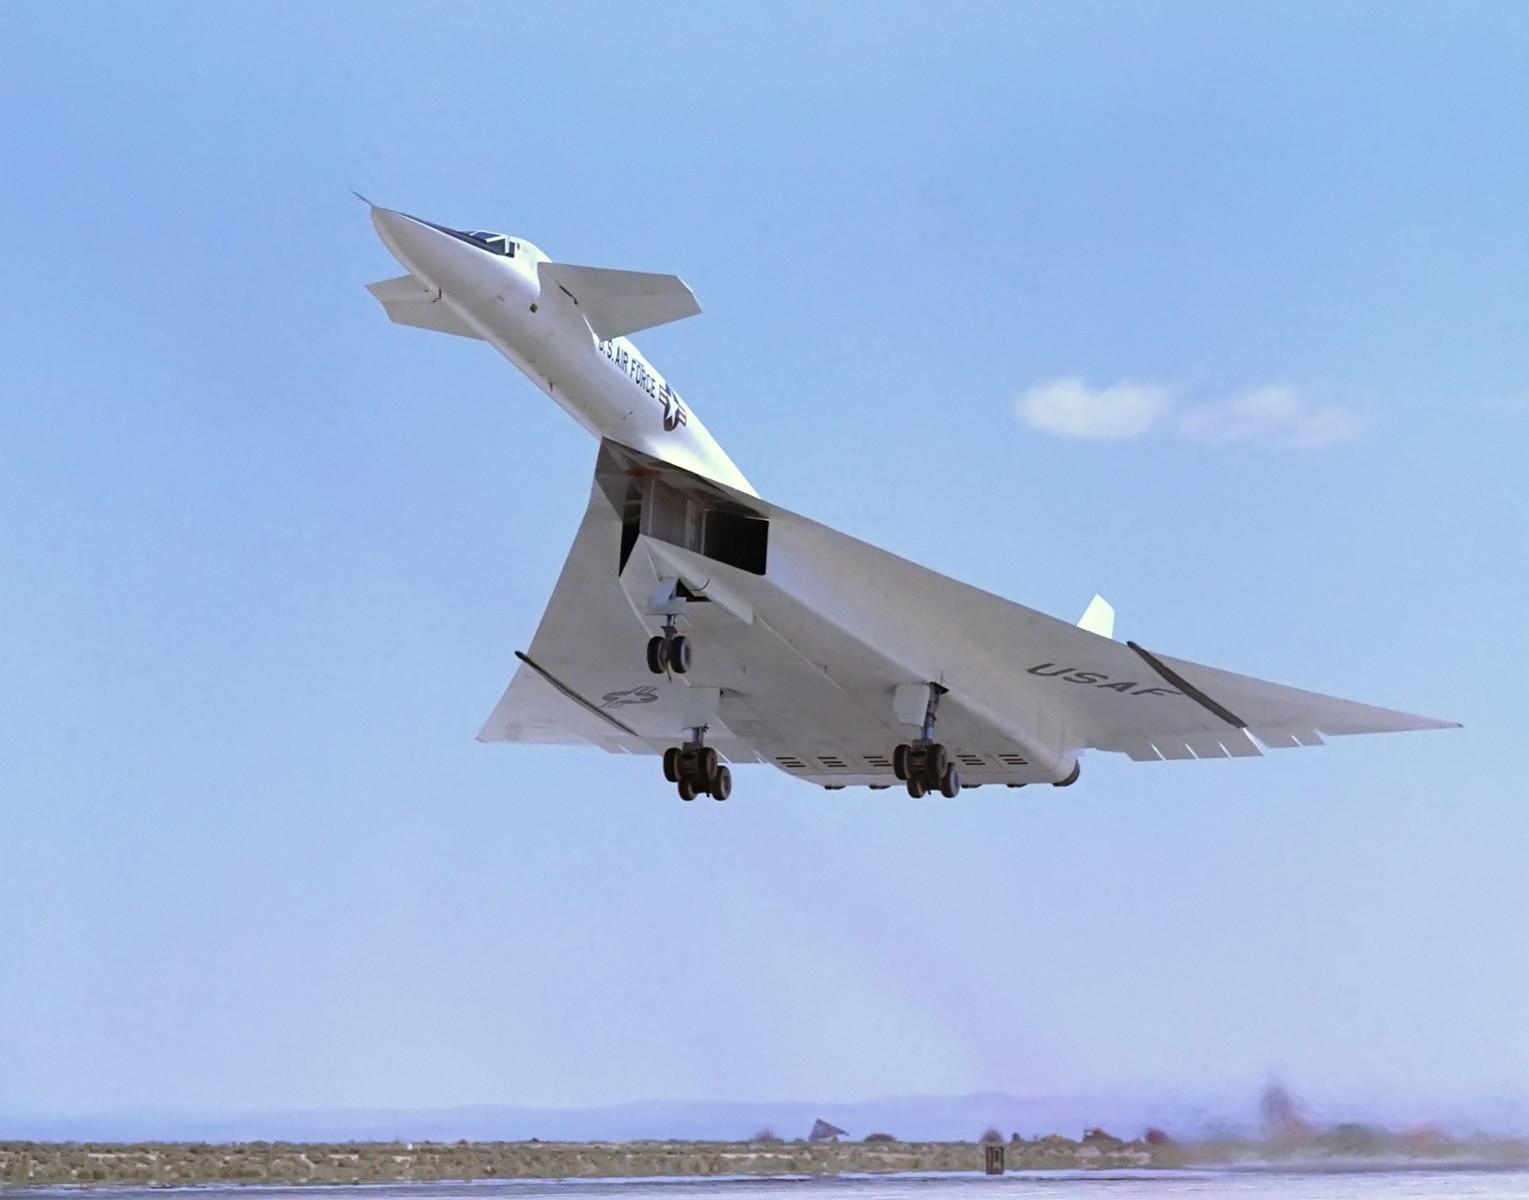 Mach 3 Bomber Valkyrie